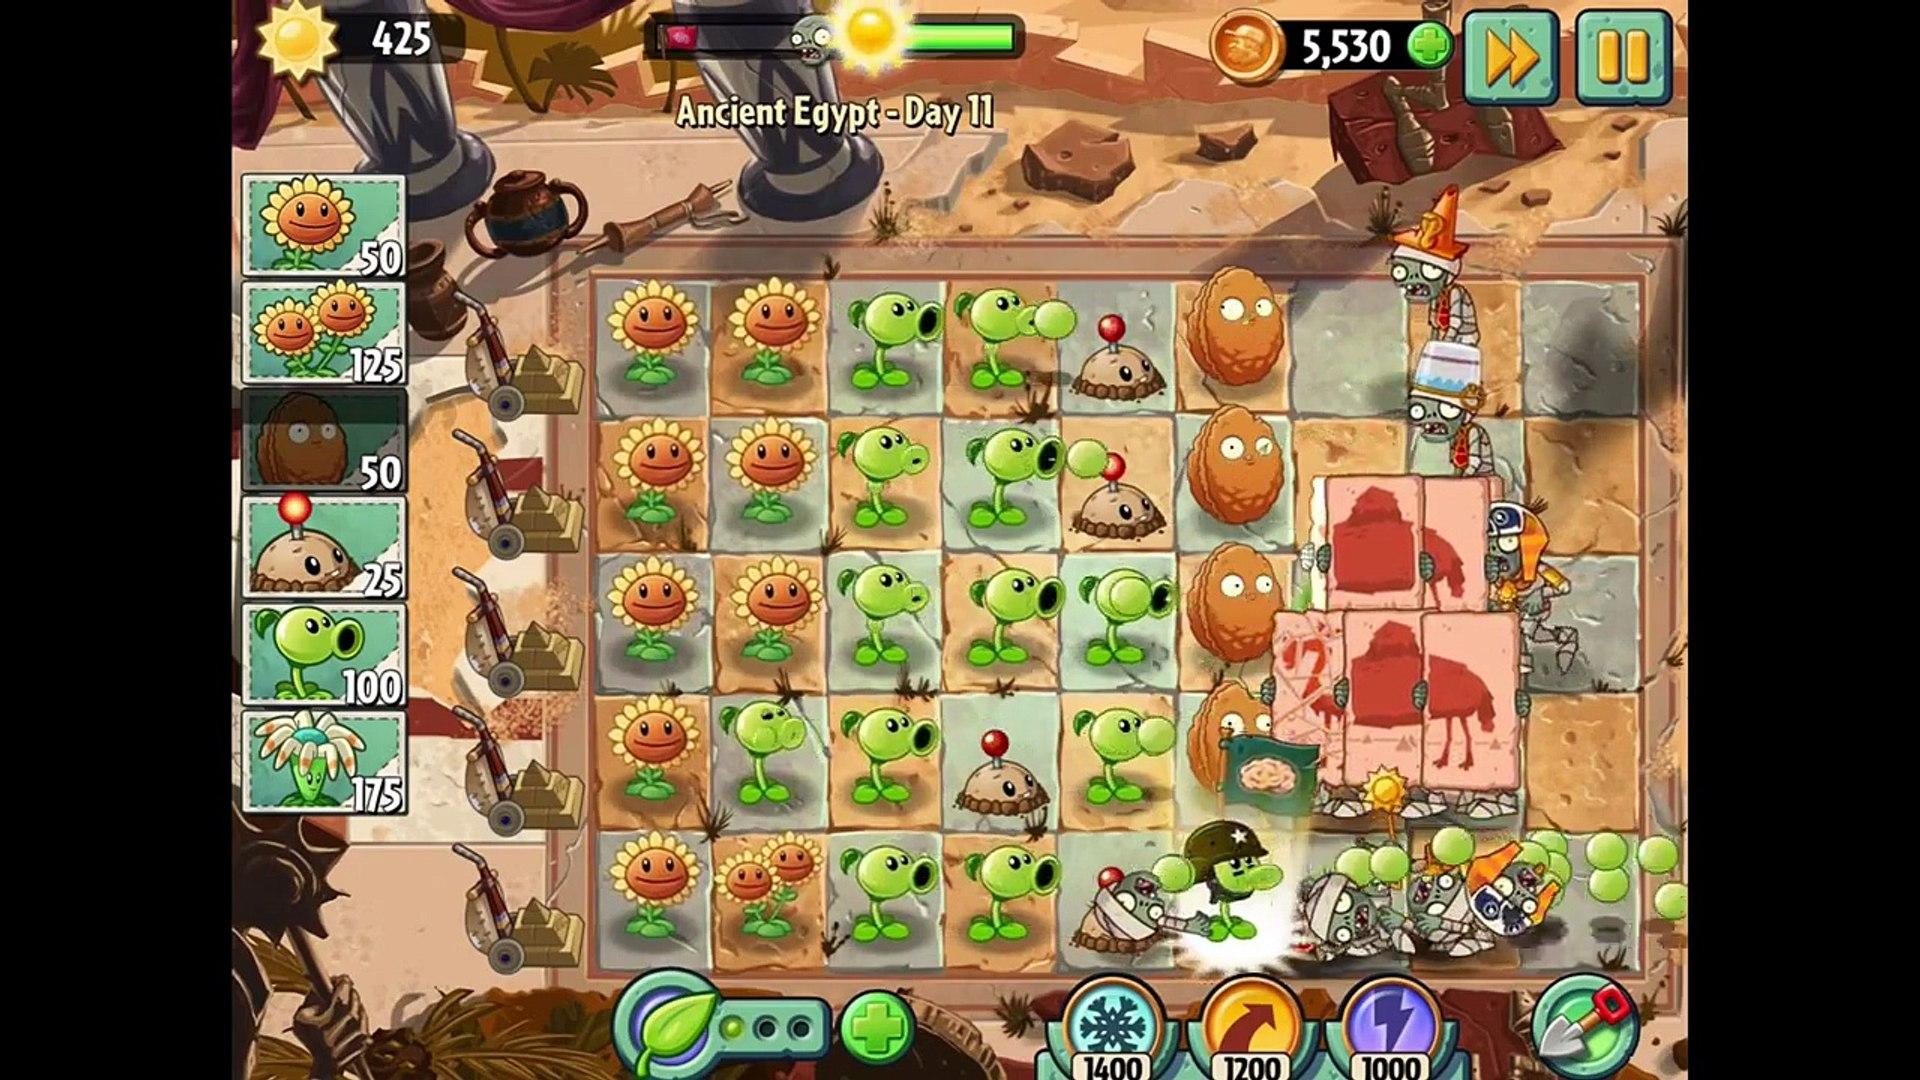 игра мультик приключеник овощи против зомби 2 игра египед часть 4 заключительная # 1